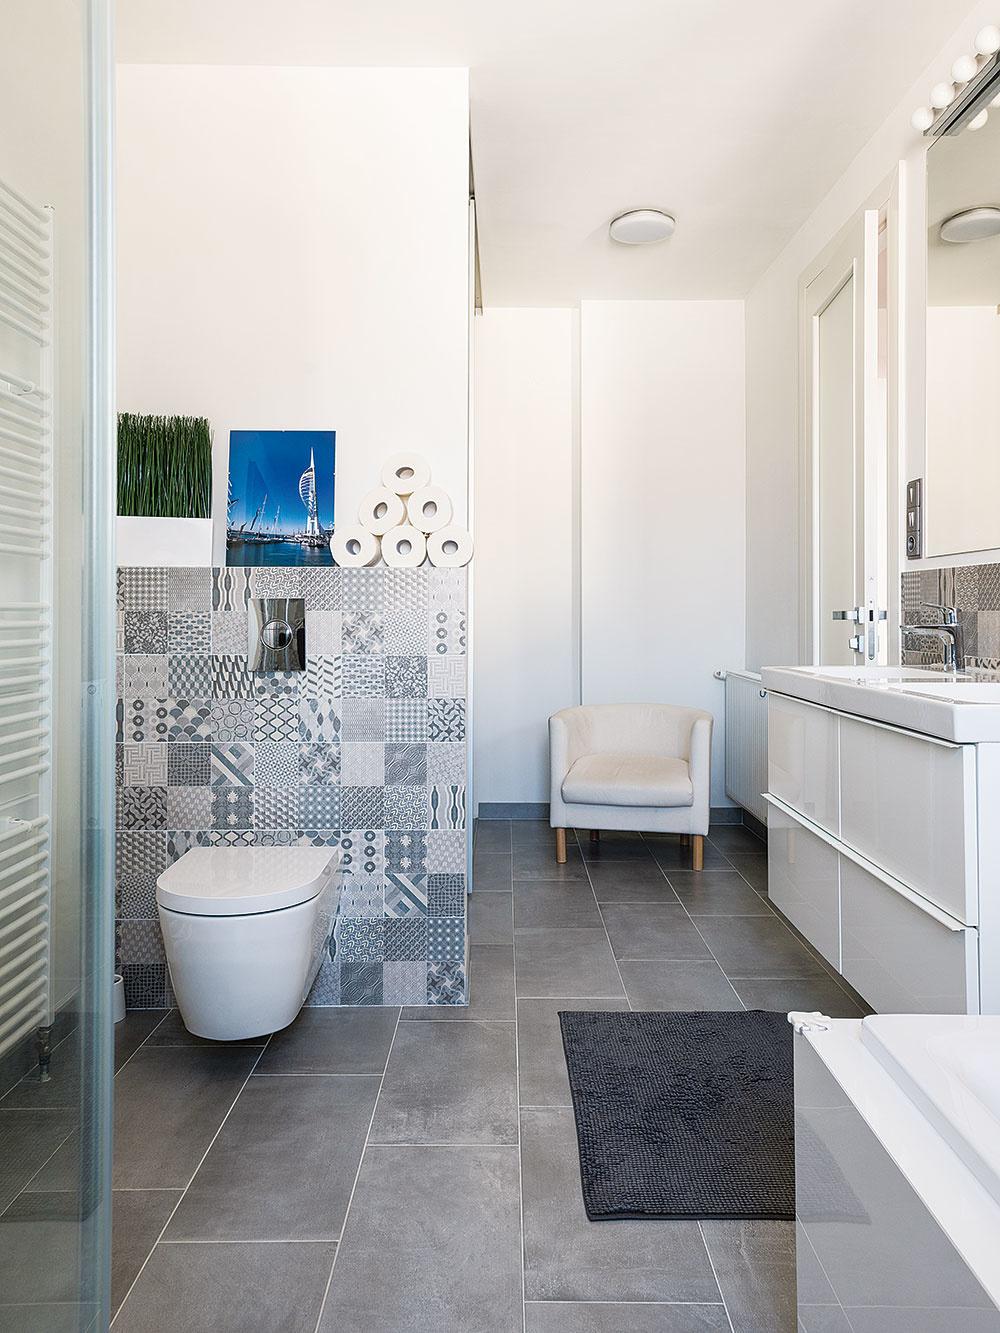 Priestorová optimalizácia. Kúpeľňu na poschodí spojili stechnickou miestnosťou, takže vznikol veľkorysý priestor, ktorého súčasťou je ajpráčovňa skrytá za posuvnými dverami. Namiesto dvoch dverí tak mohli ostať len jedny, vďaka čomu sa dala zväčšiť spálňa.